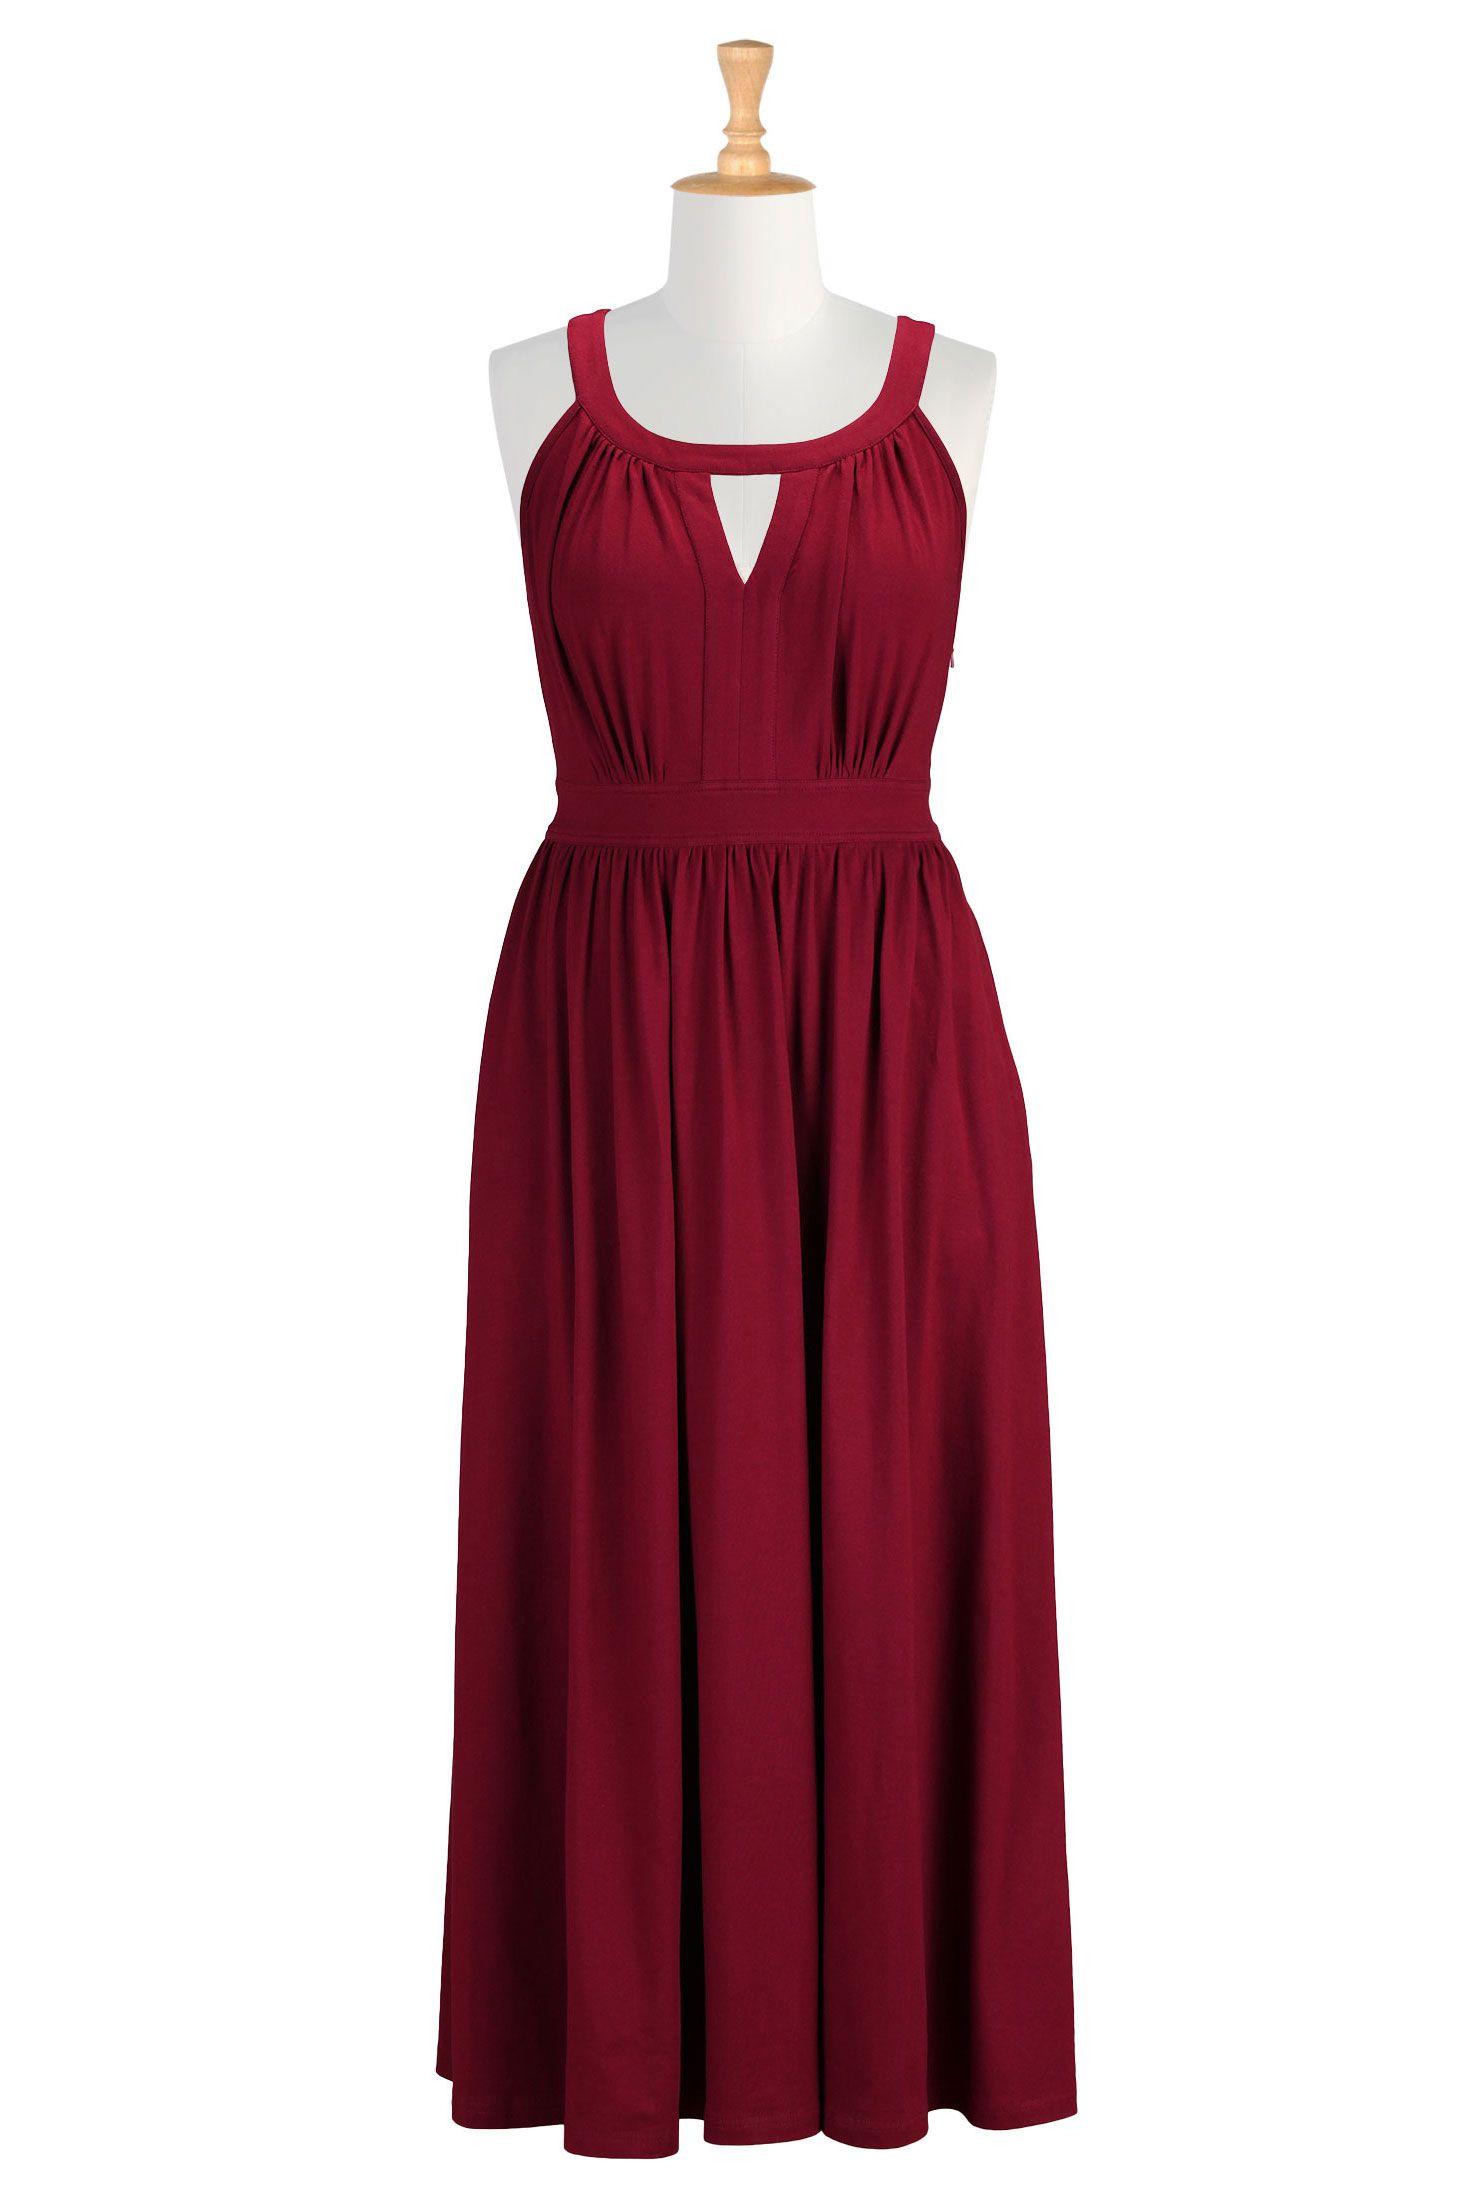 Cotton knit dresses plus size maxi dresses for spring shop womens